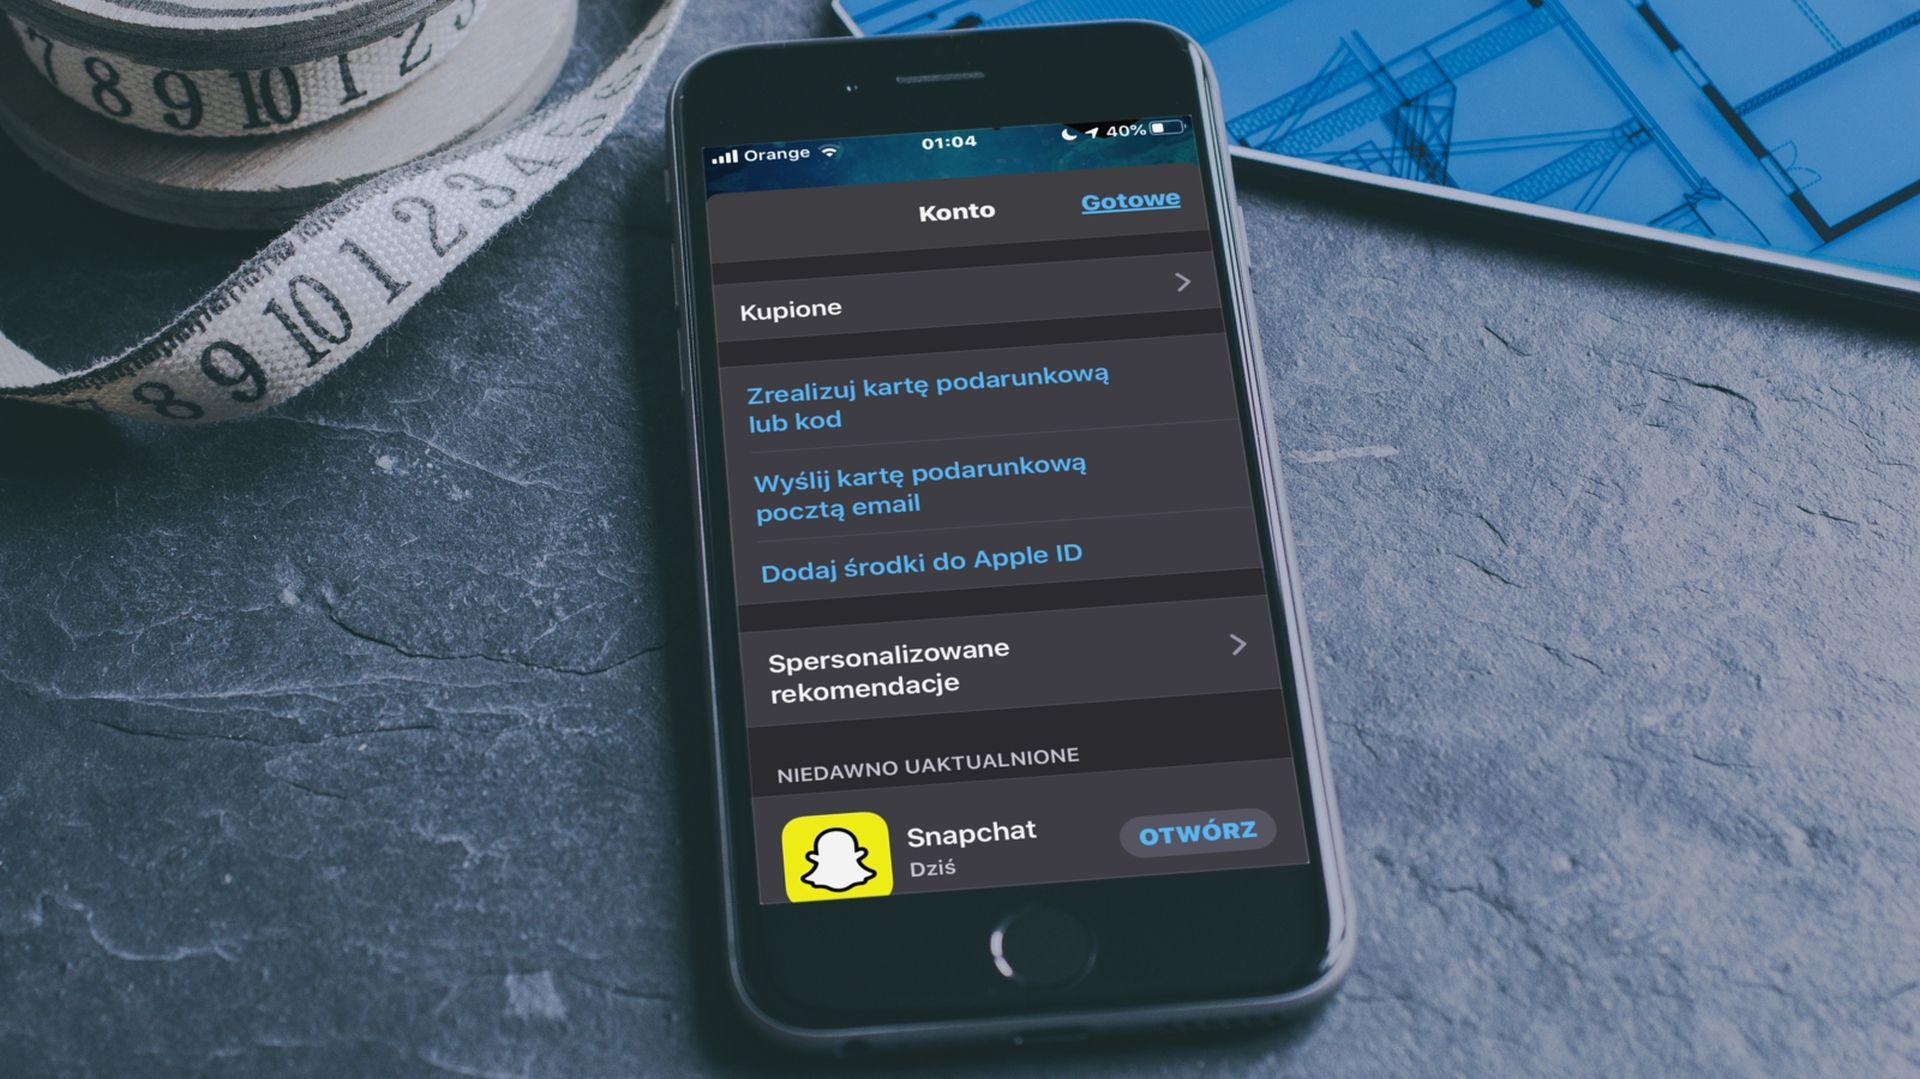 Jak uzyskać szybki dostęp do aktualizacji App Store?